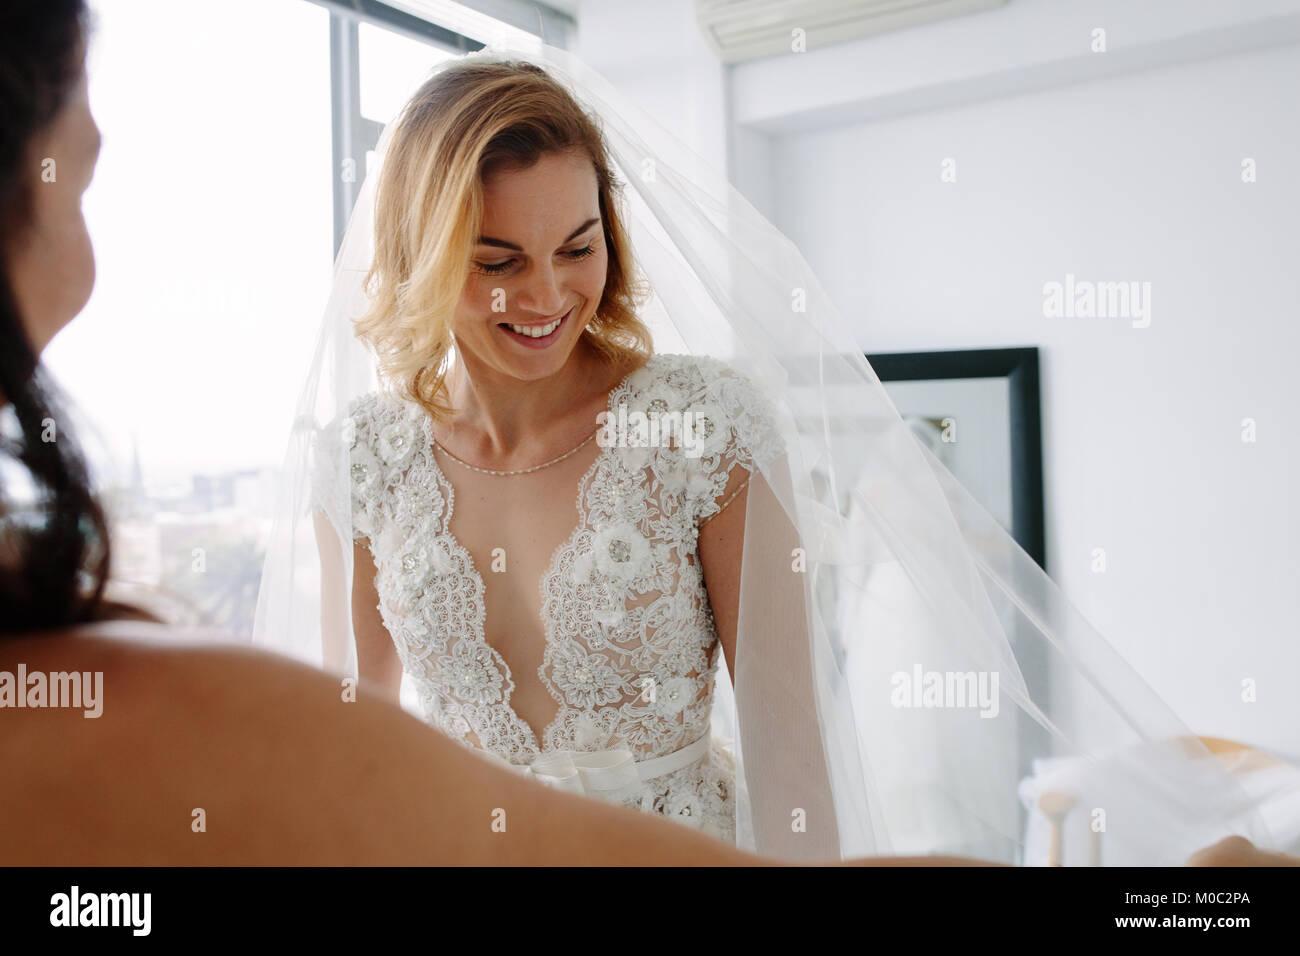 Schöne junge Frau, die versucht, auf Hochzeit Kleid in bridal Shop mit Assistant. Zukünftige Braut die Stockbild